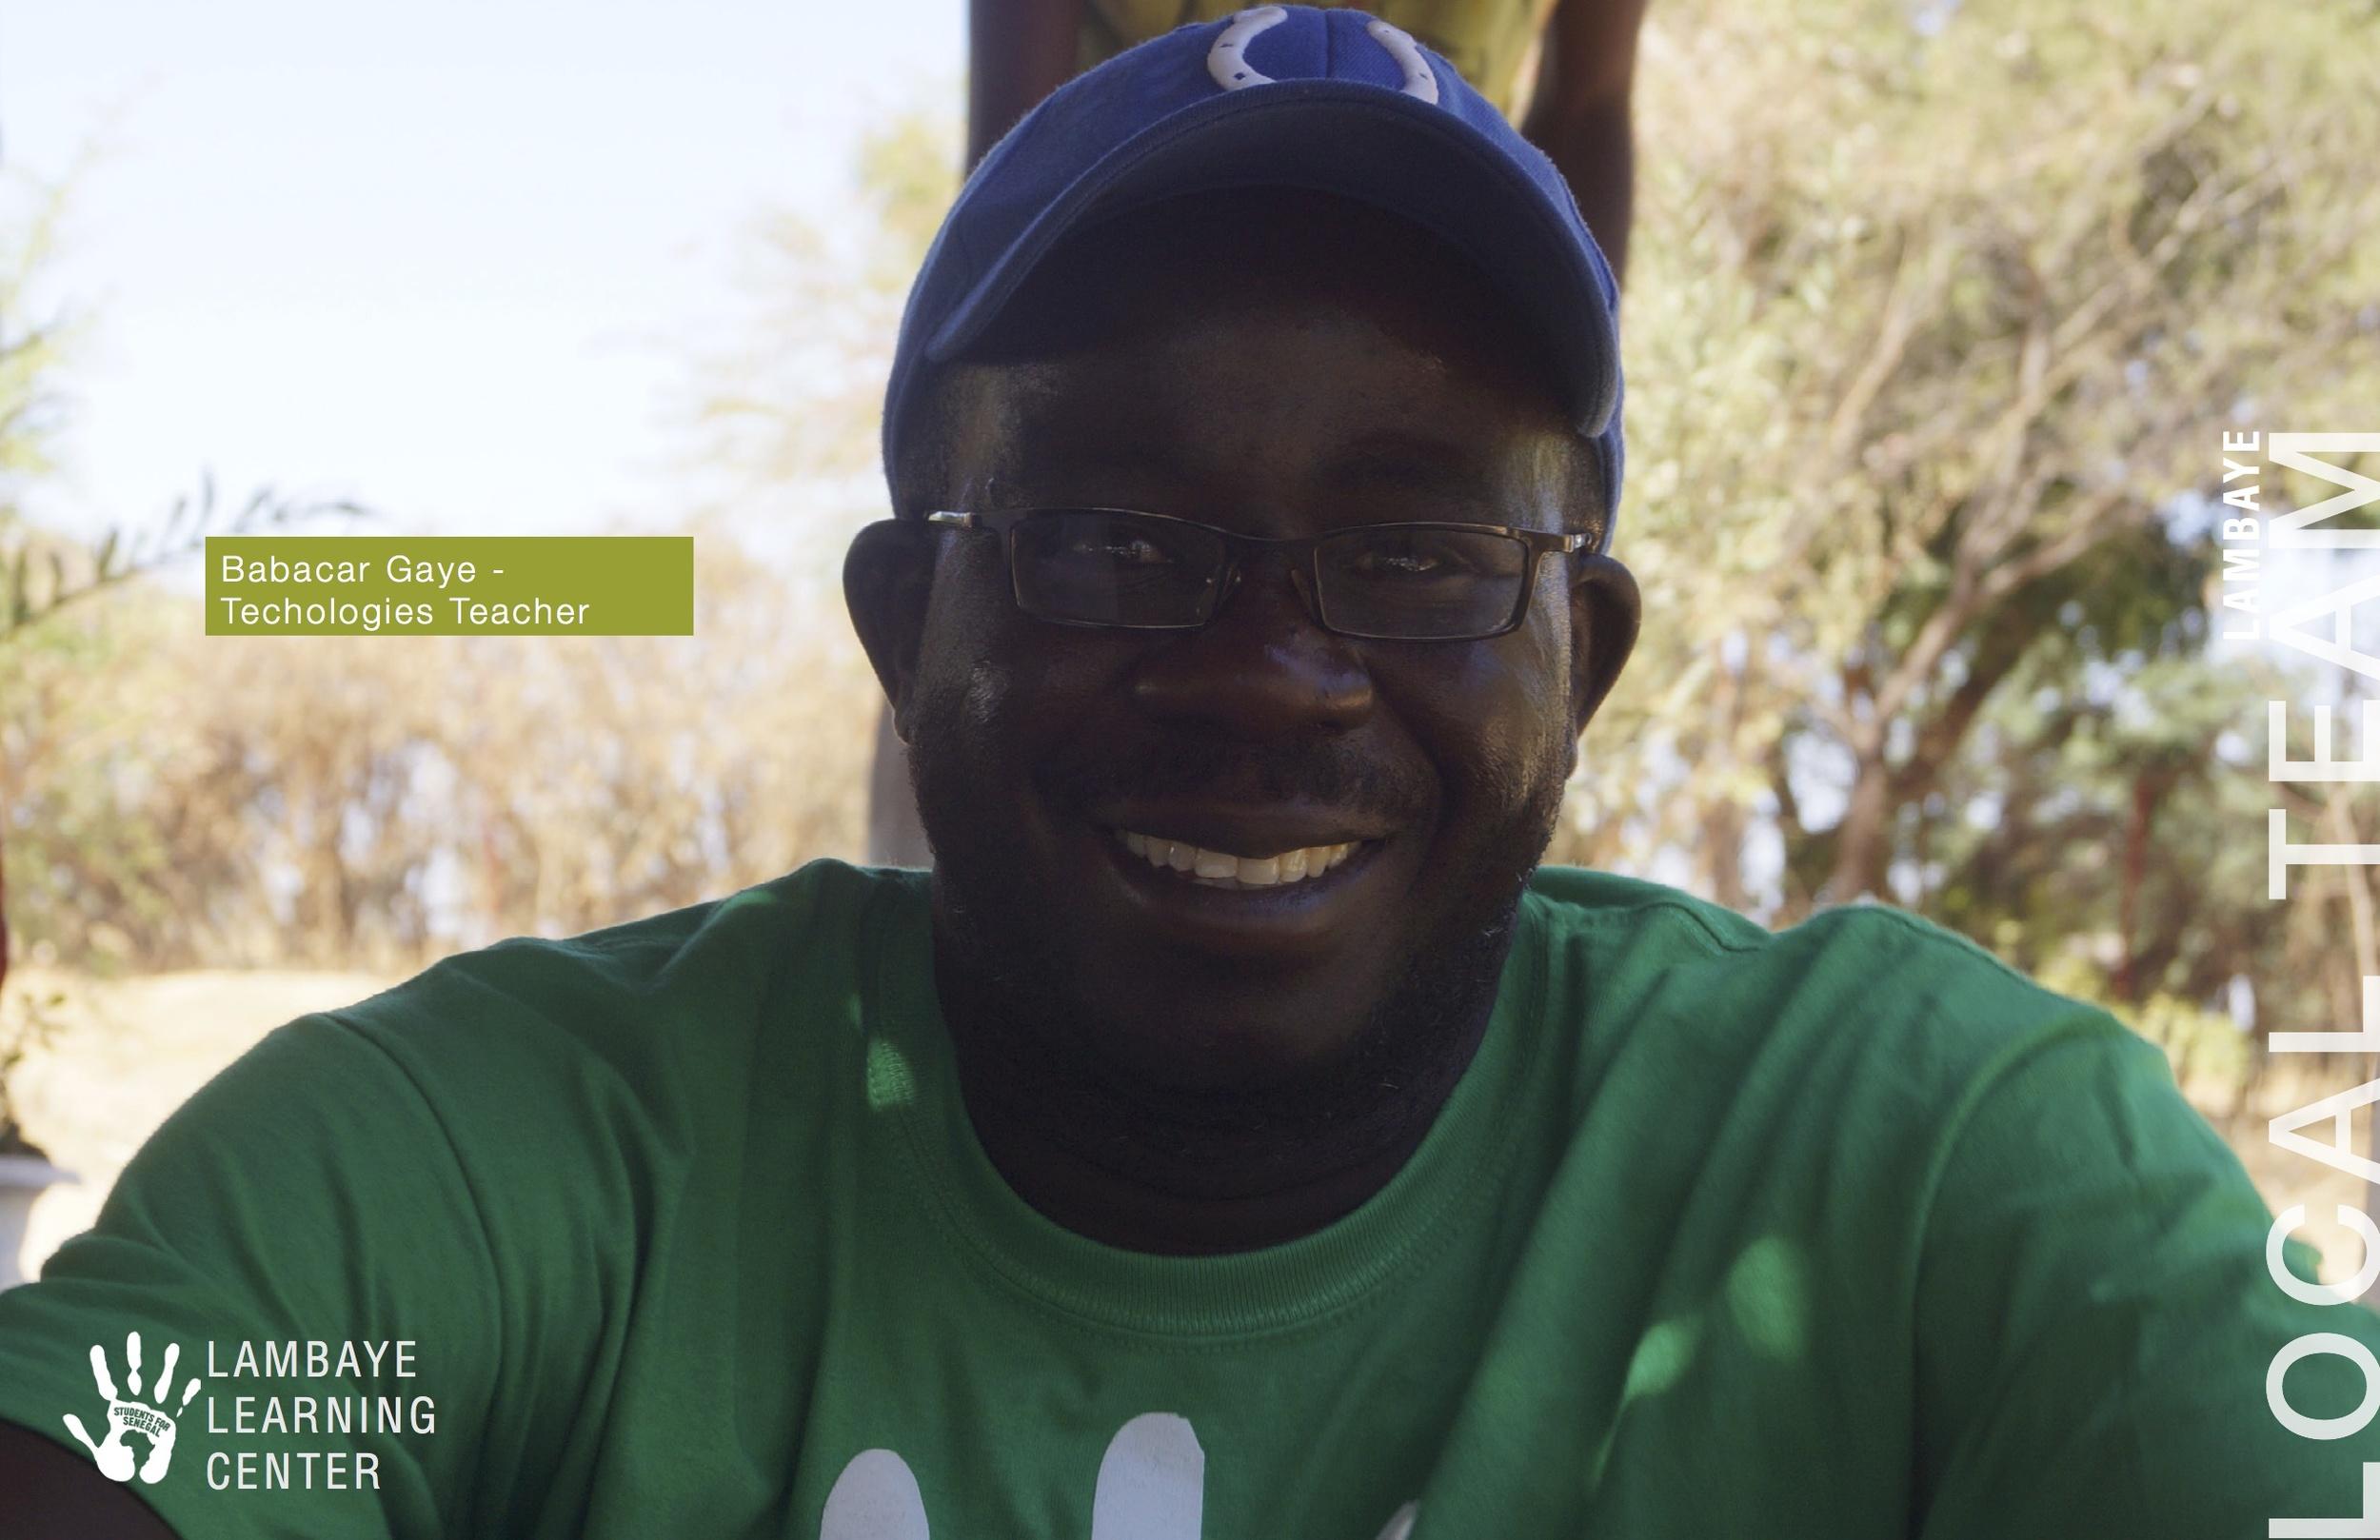 Babacar Gaye - Technologies Teacher